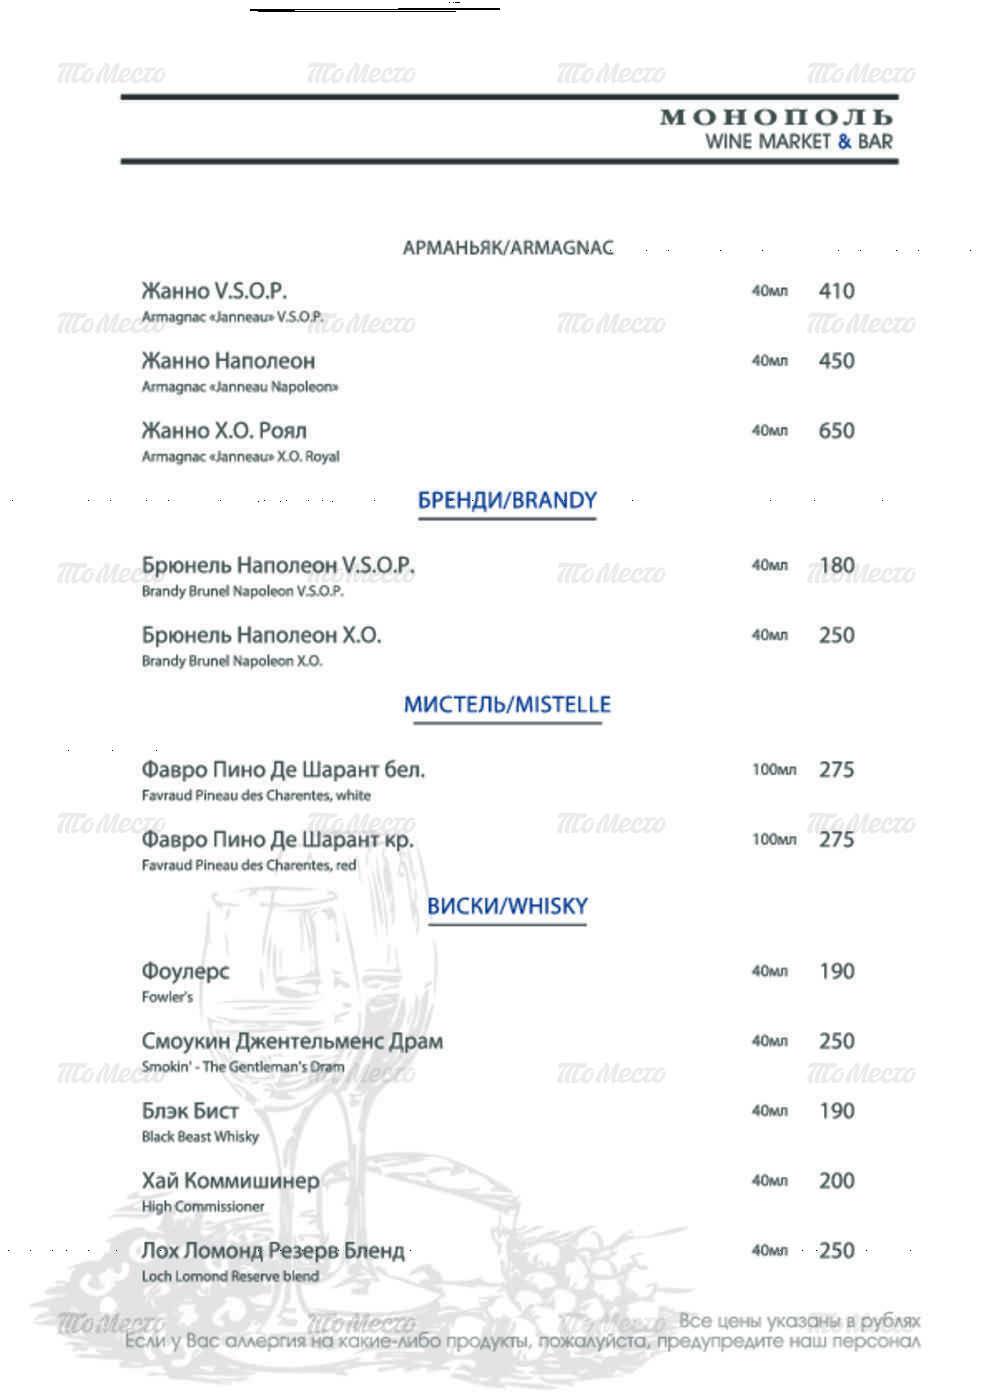 Меню бара, ресторана МОНОПОЛЬ WINE MARKET & BAR на Московском проспекте